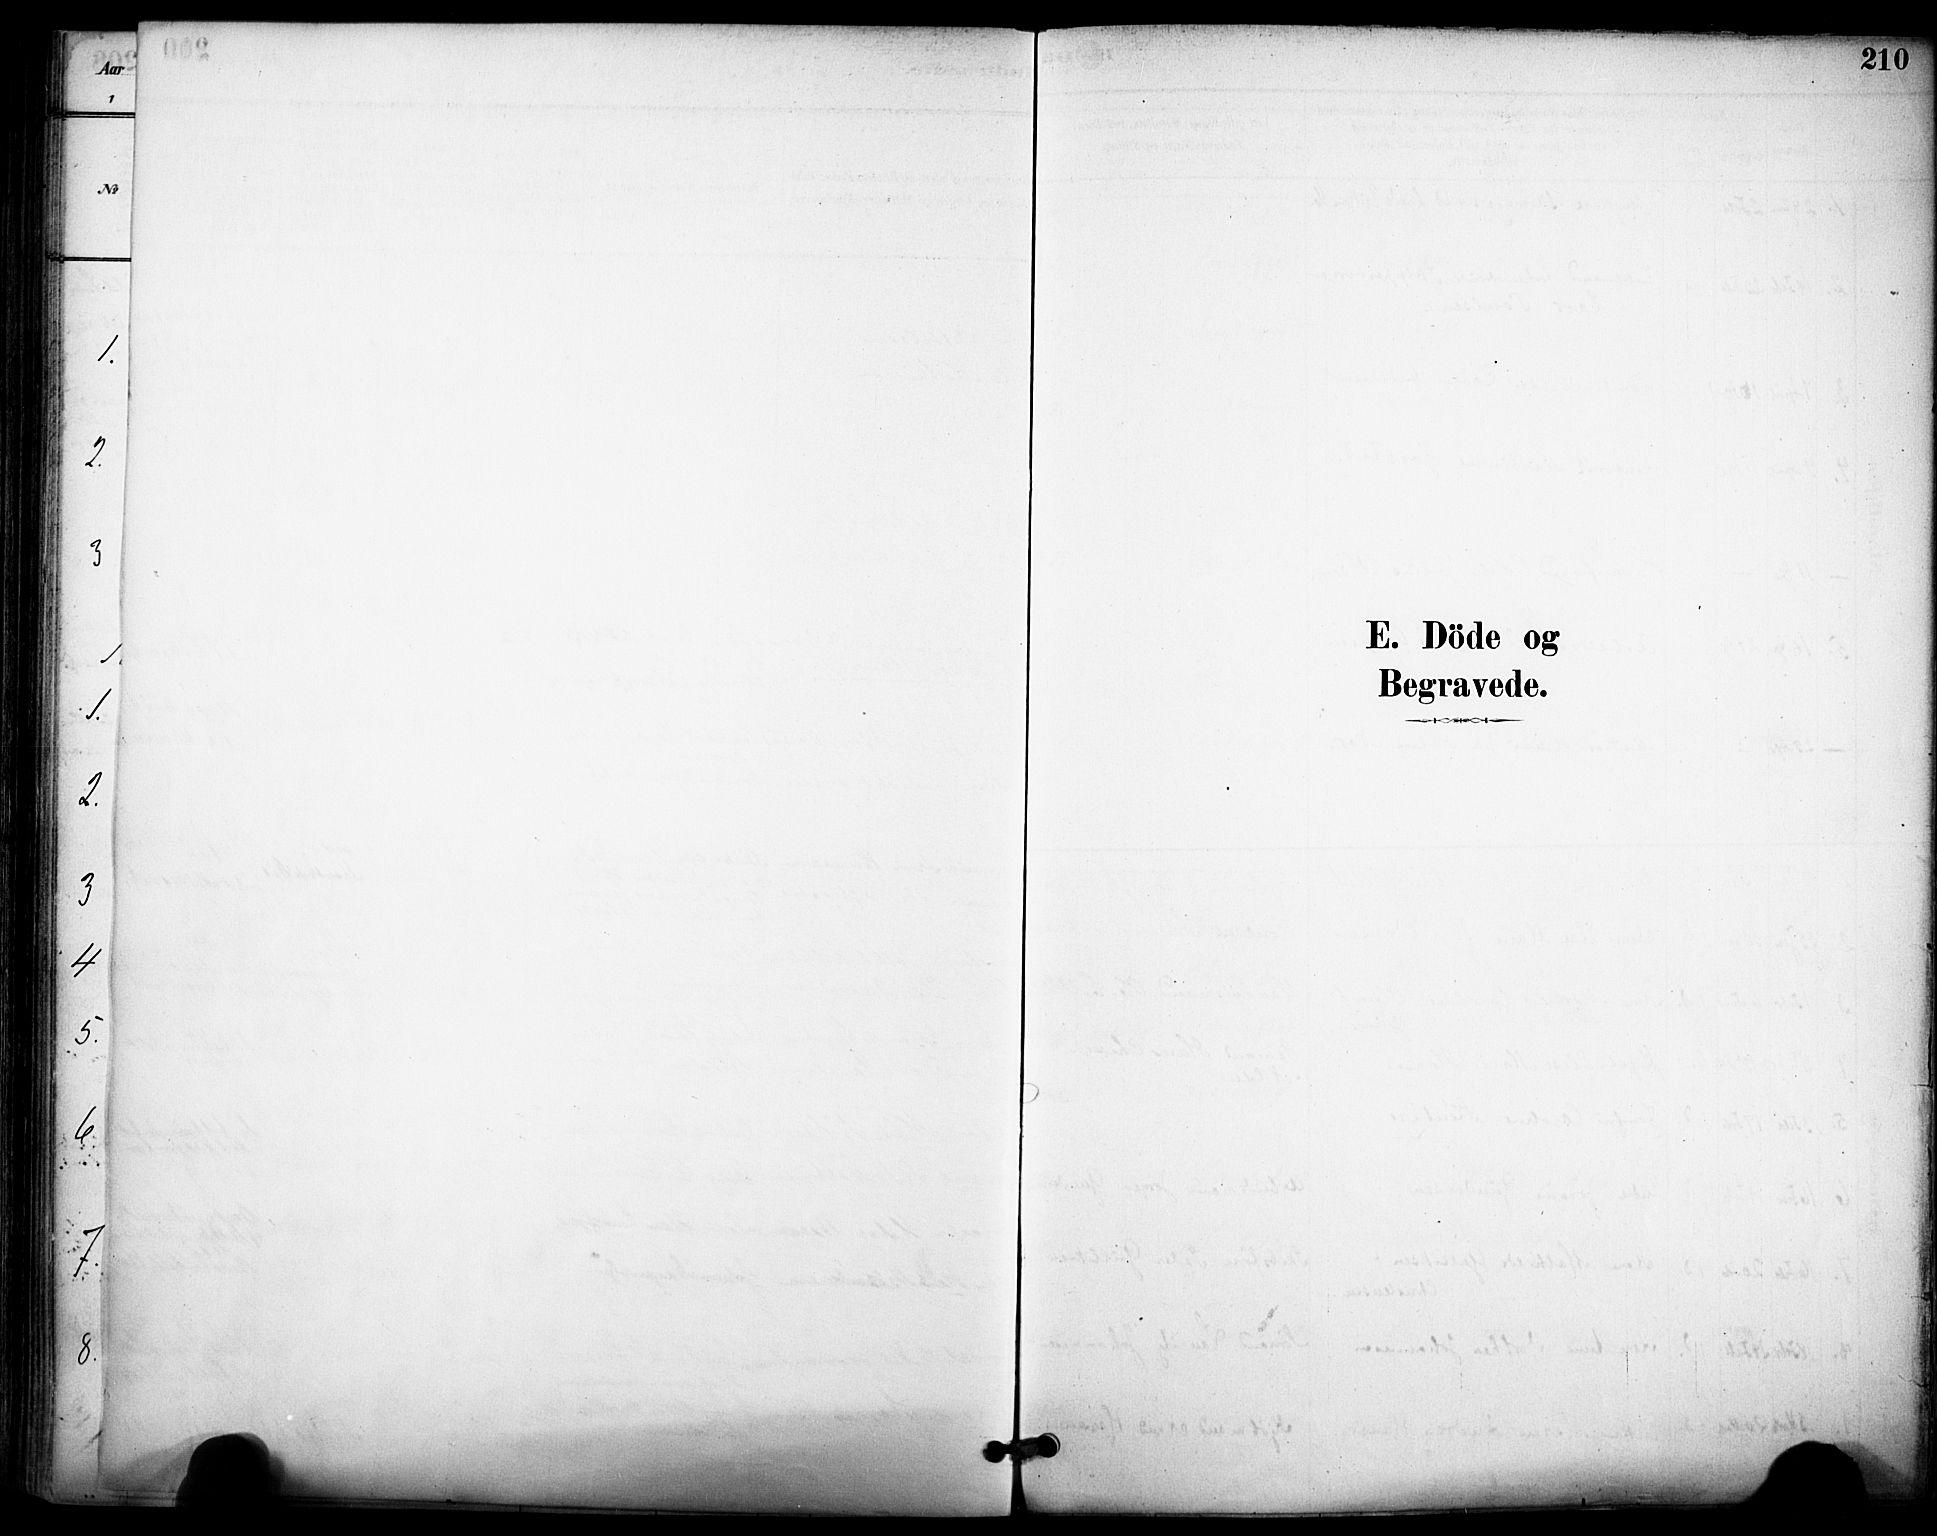 SAKO, Sandefjord kirkebøker, F/Fa/L0002: Ministerialbok nr. 2, 1880-1894, s. 210